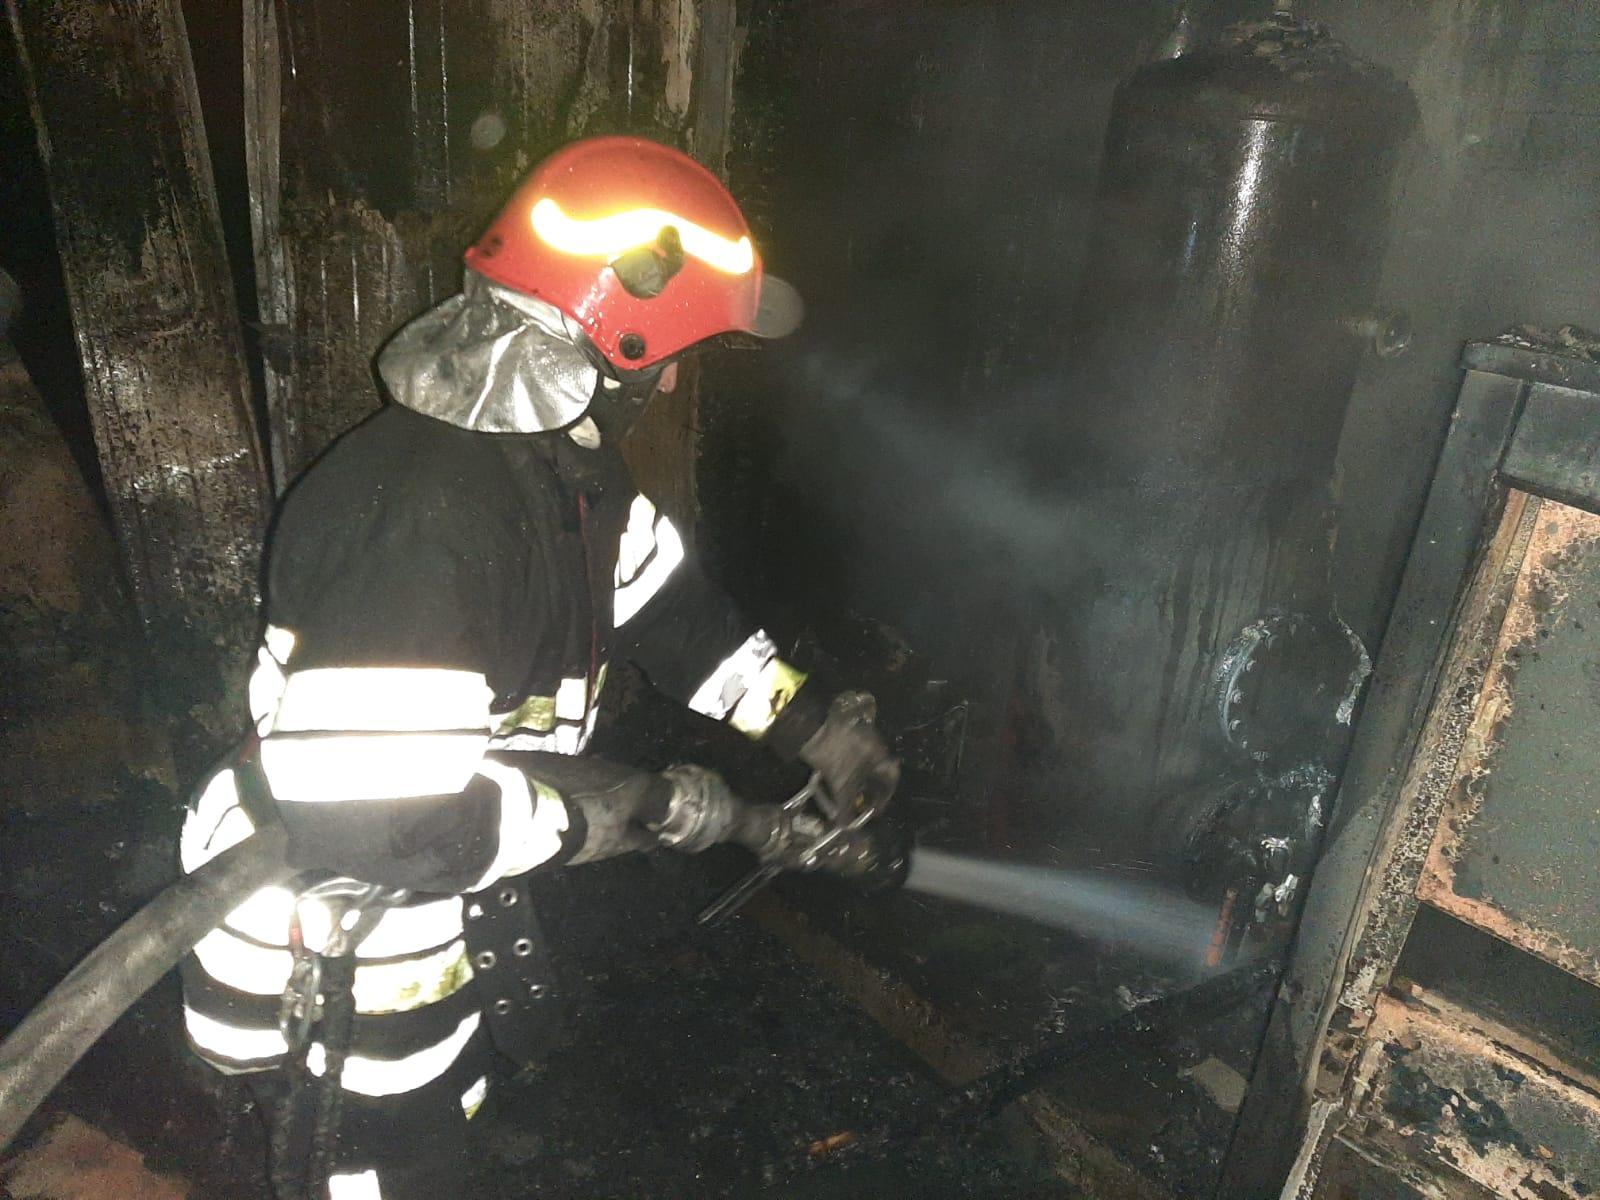 NICSENI: Locuința distrusă într-un incendiu